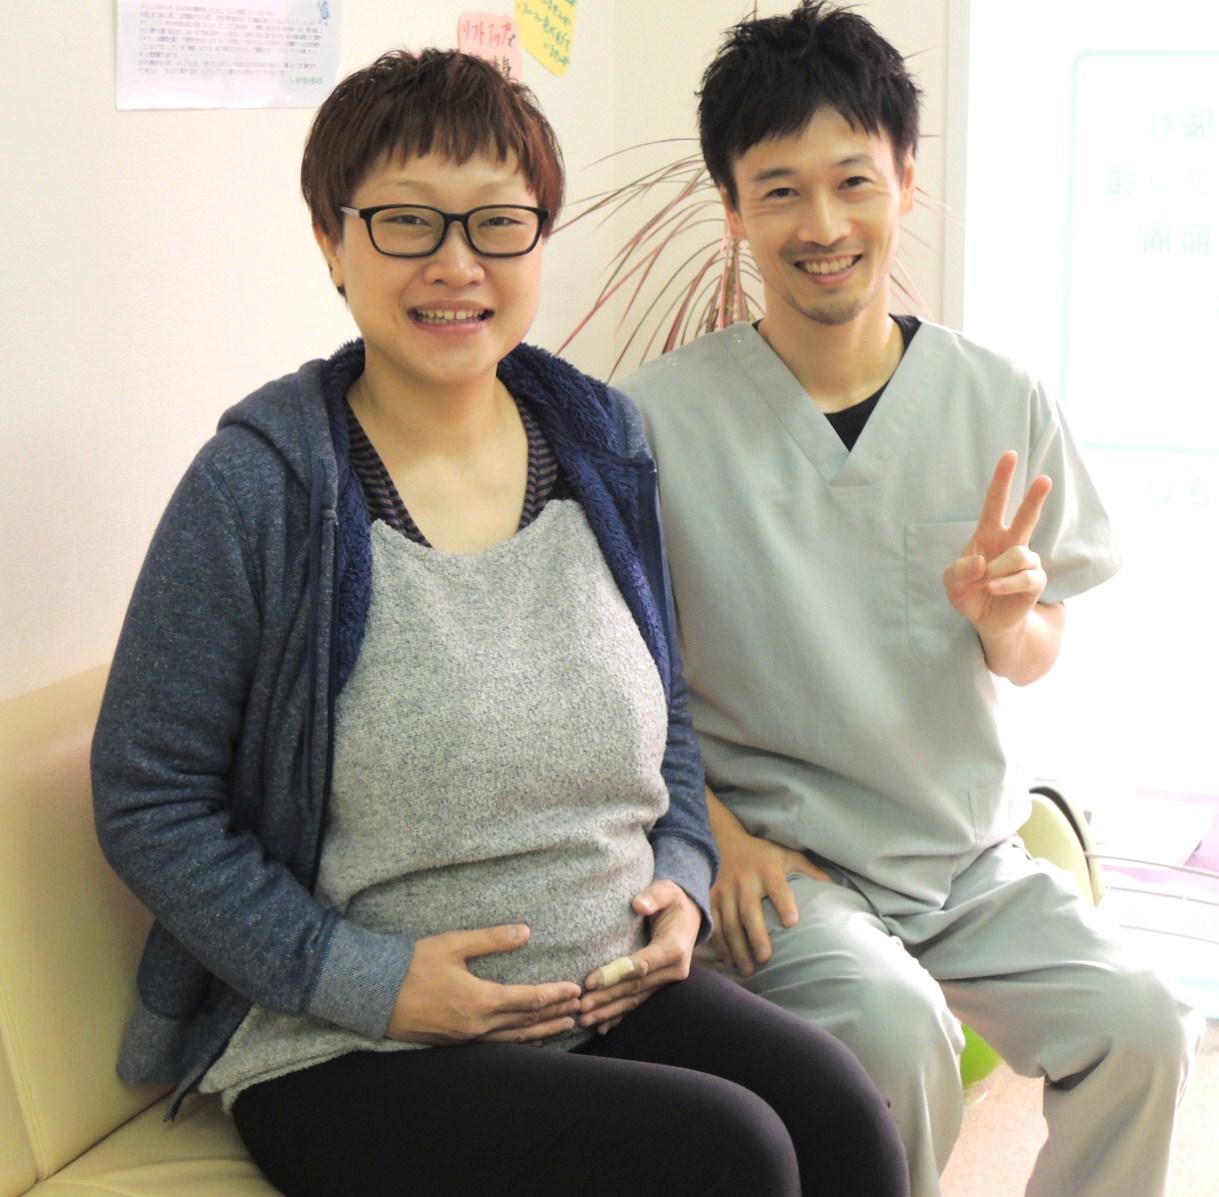 マタニティ・妊婦整体 山田さま 神戸垂水整体院